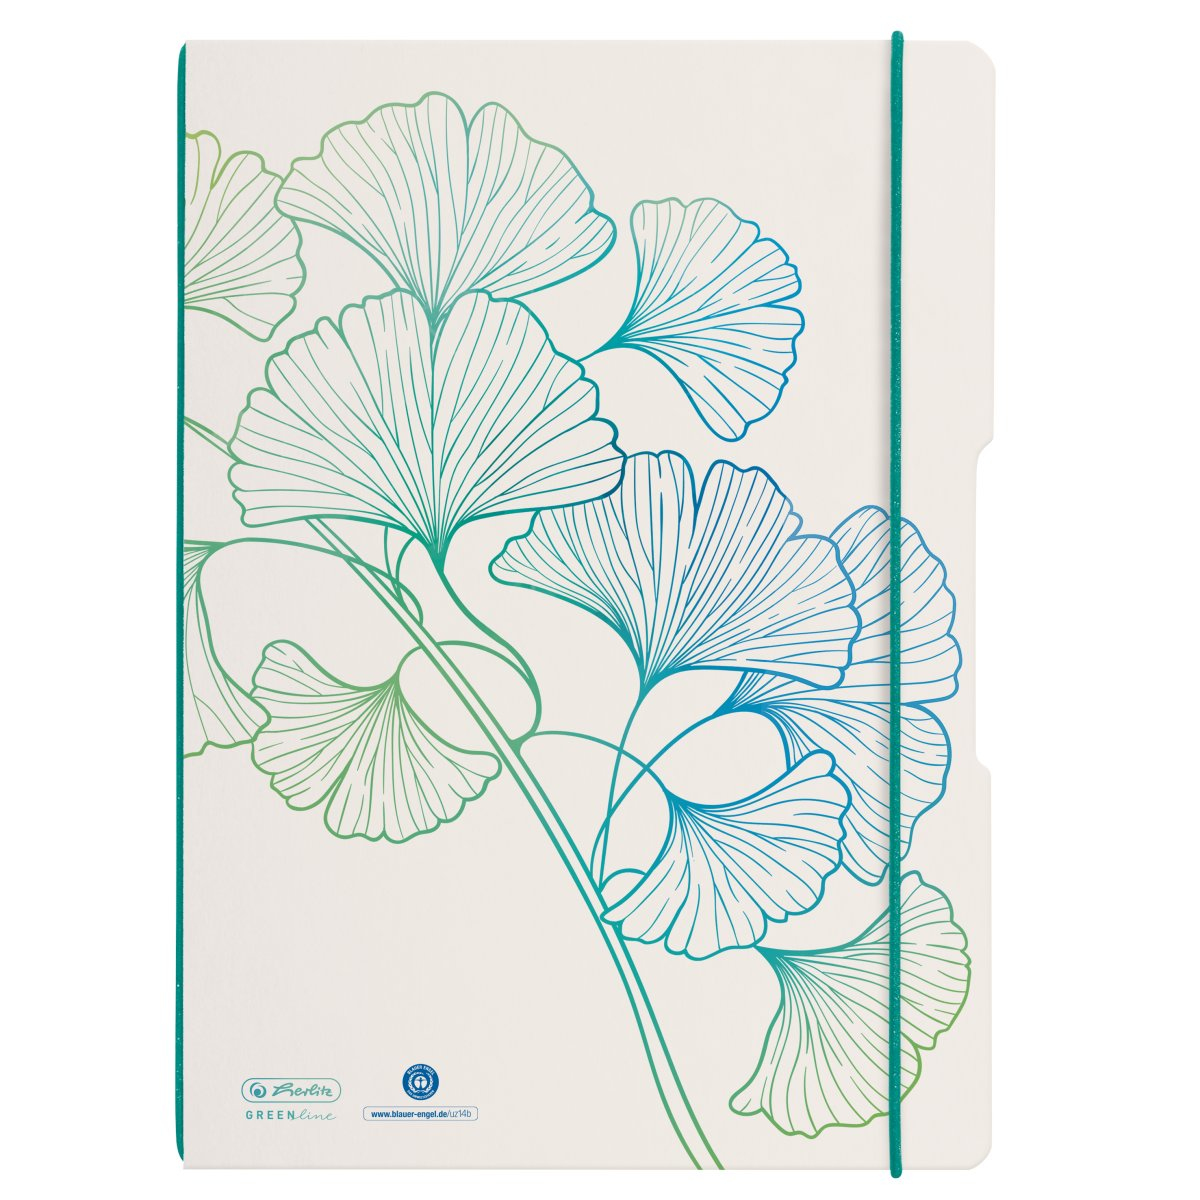 Vorschau: Herlitz my.book flex - Muster - Weiß - A4 - 80 Blätter - Erwachsener